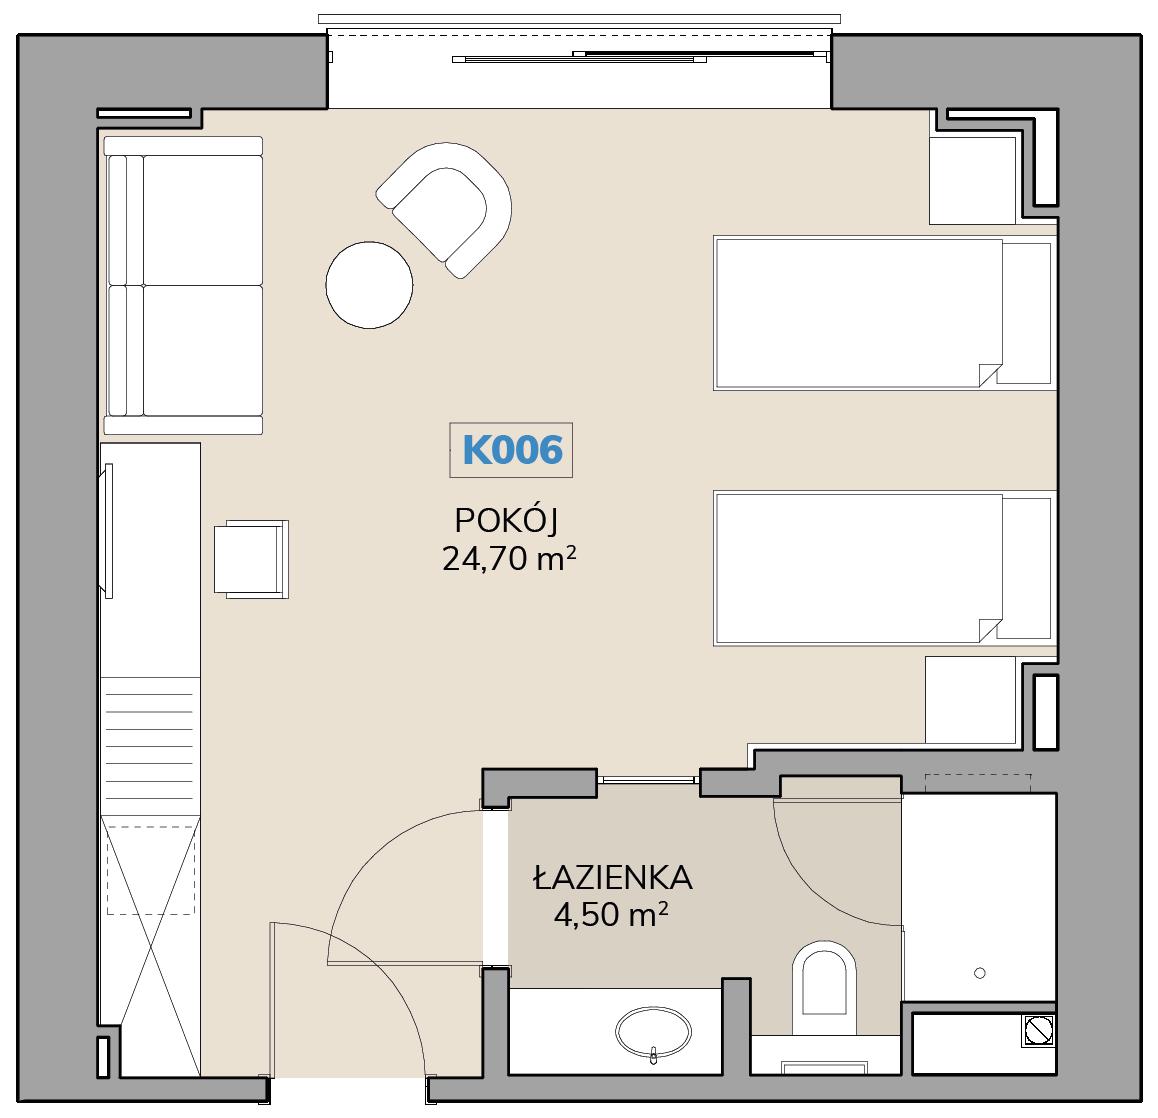 Apartament K006